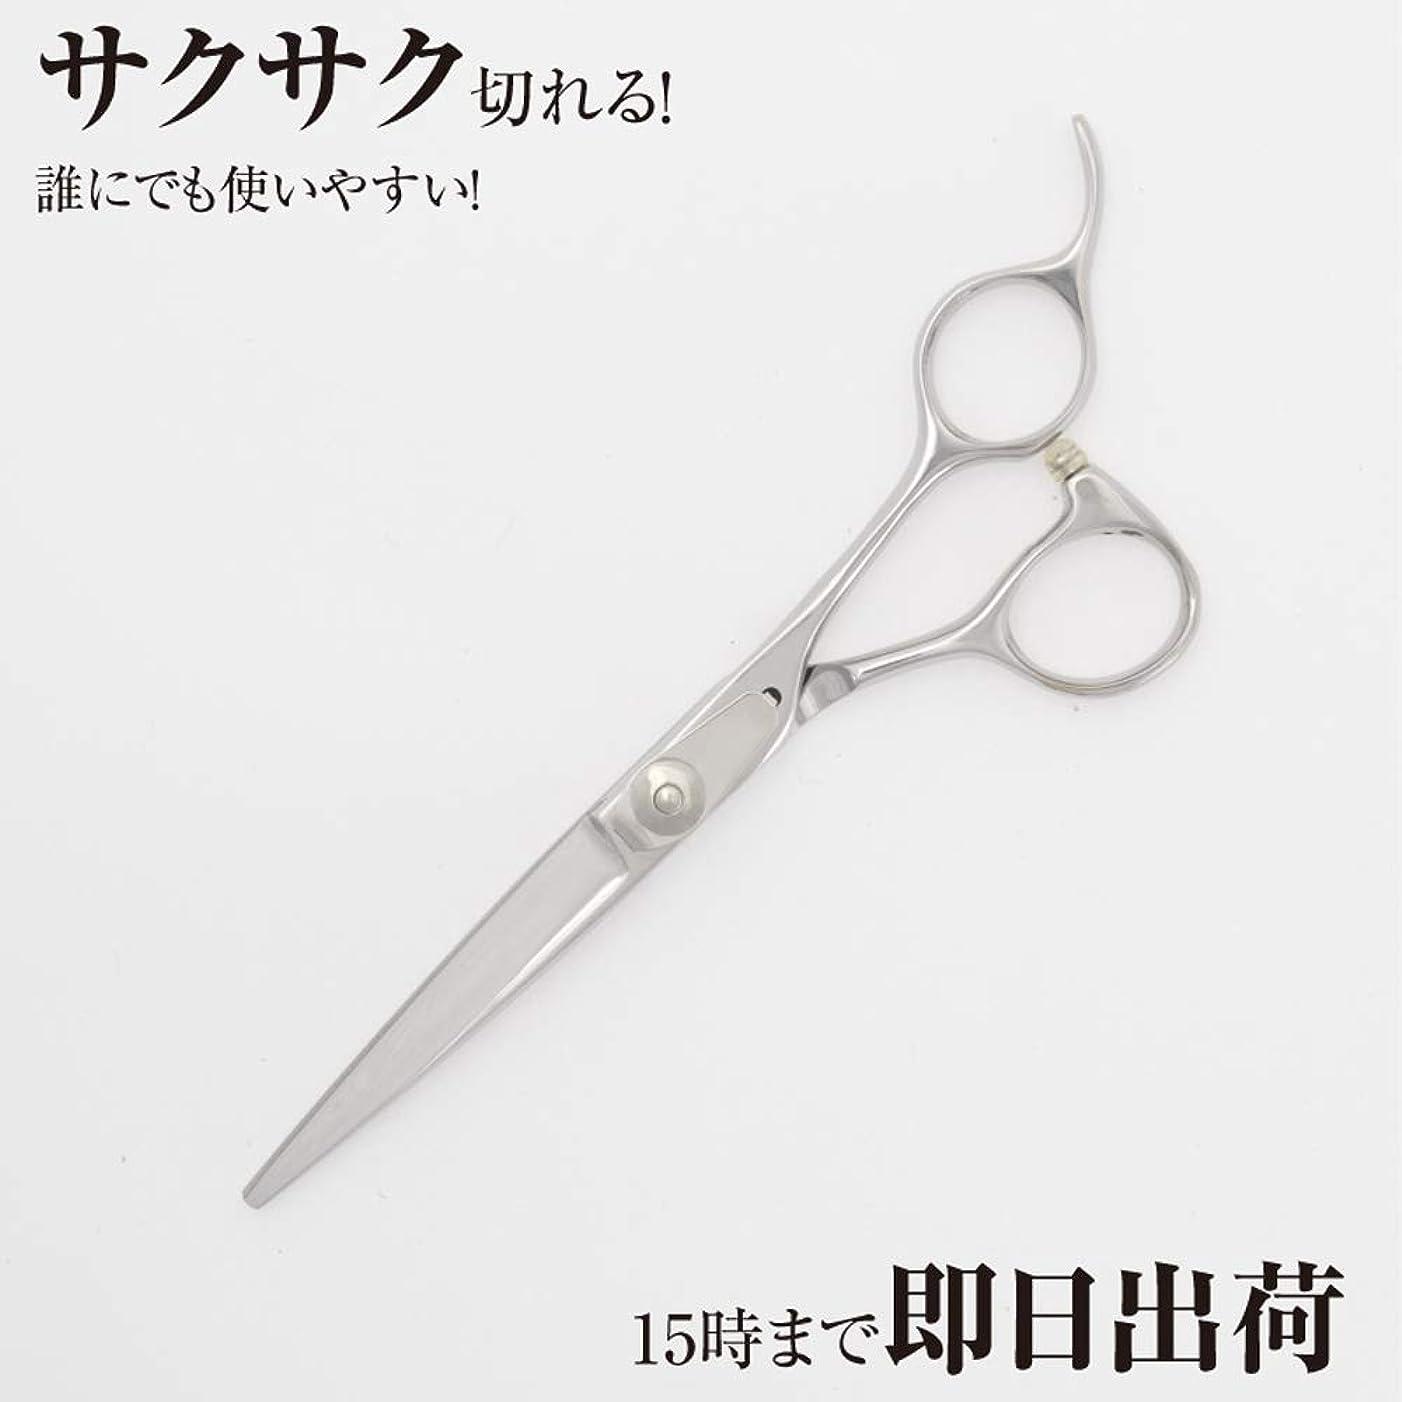 補体ケープ水っぽいDEEDS 日本の鋏専門メーカー JP-02 シザー 6.0インチ 鍛造仕上 気持よくカットができる 美容師